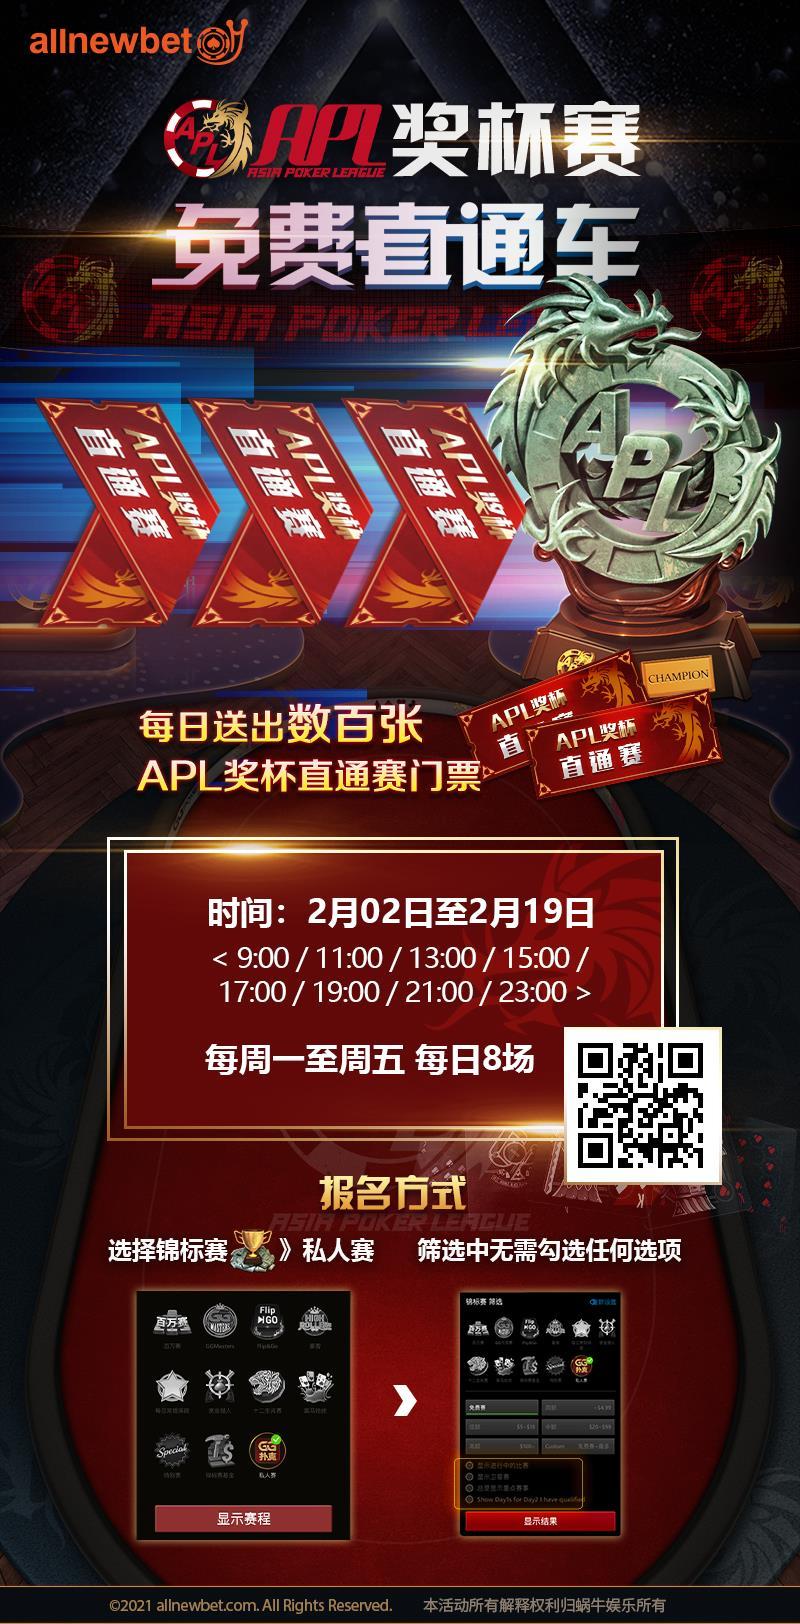 蜗牛扑克APL奖杯赛免费直通车活动